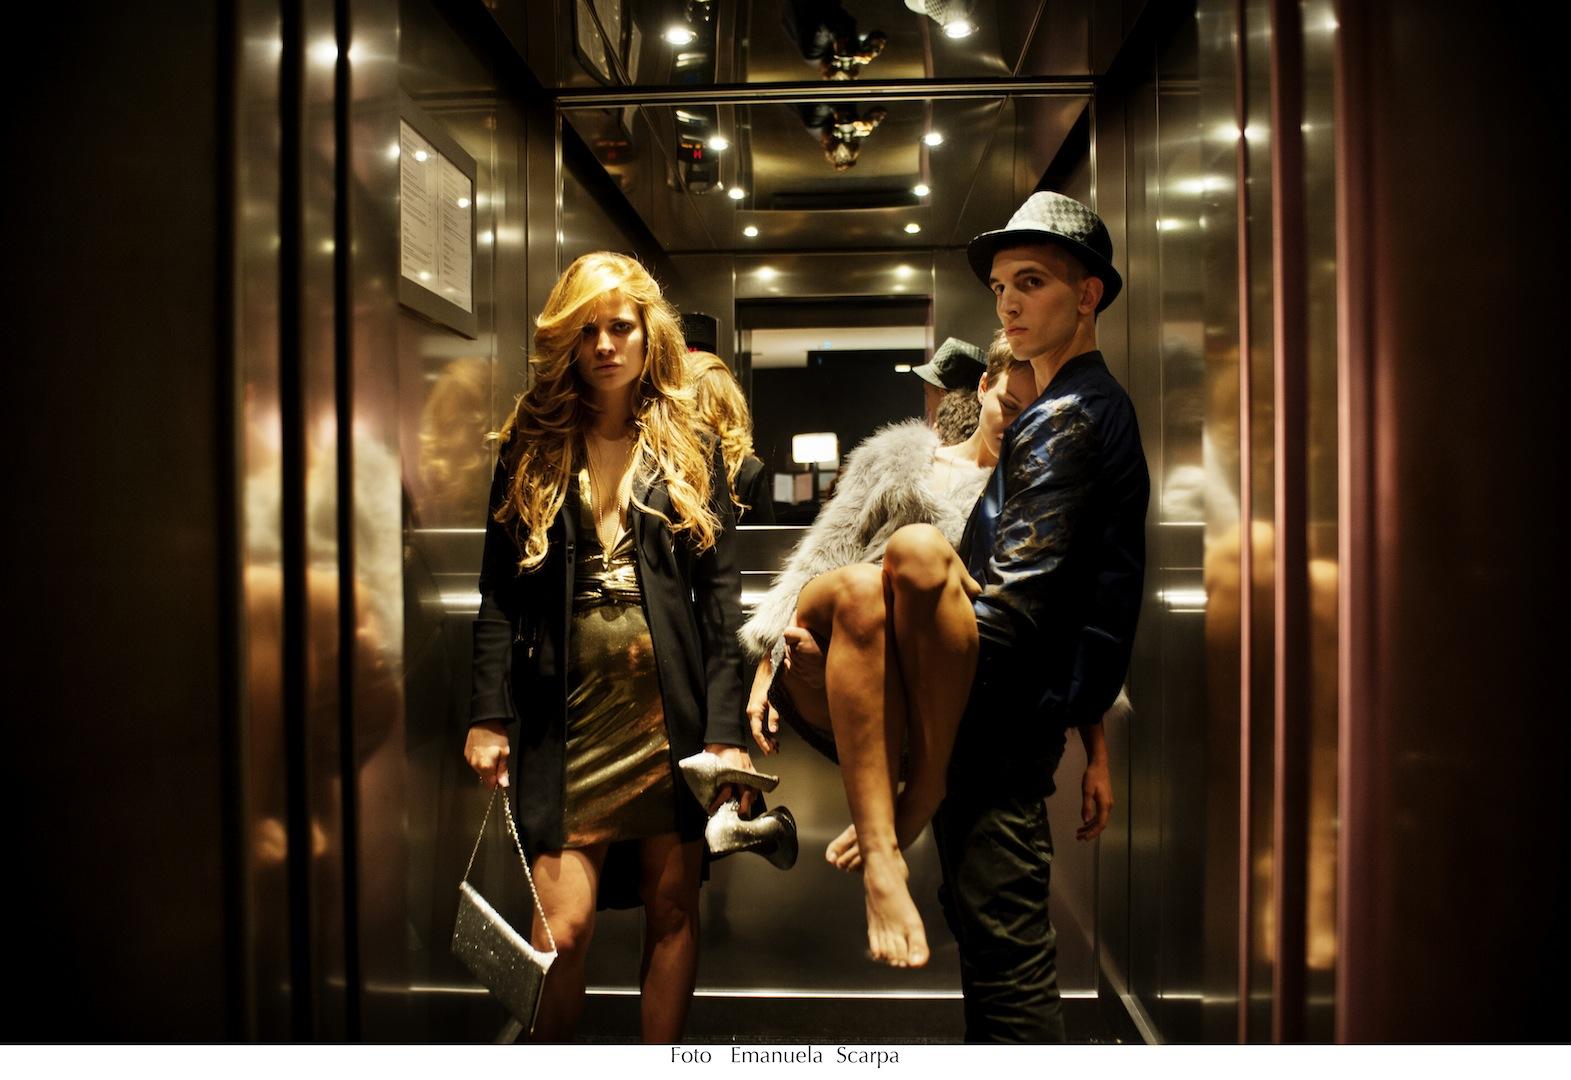 serie tv erotismo escort prostitution